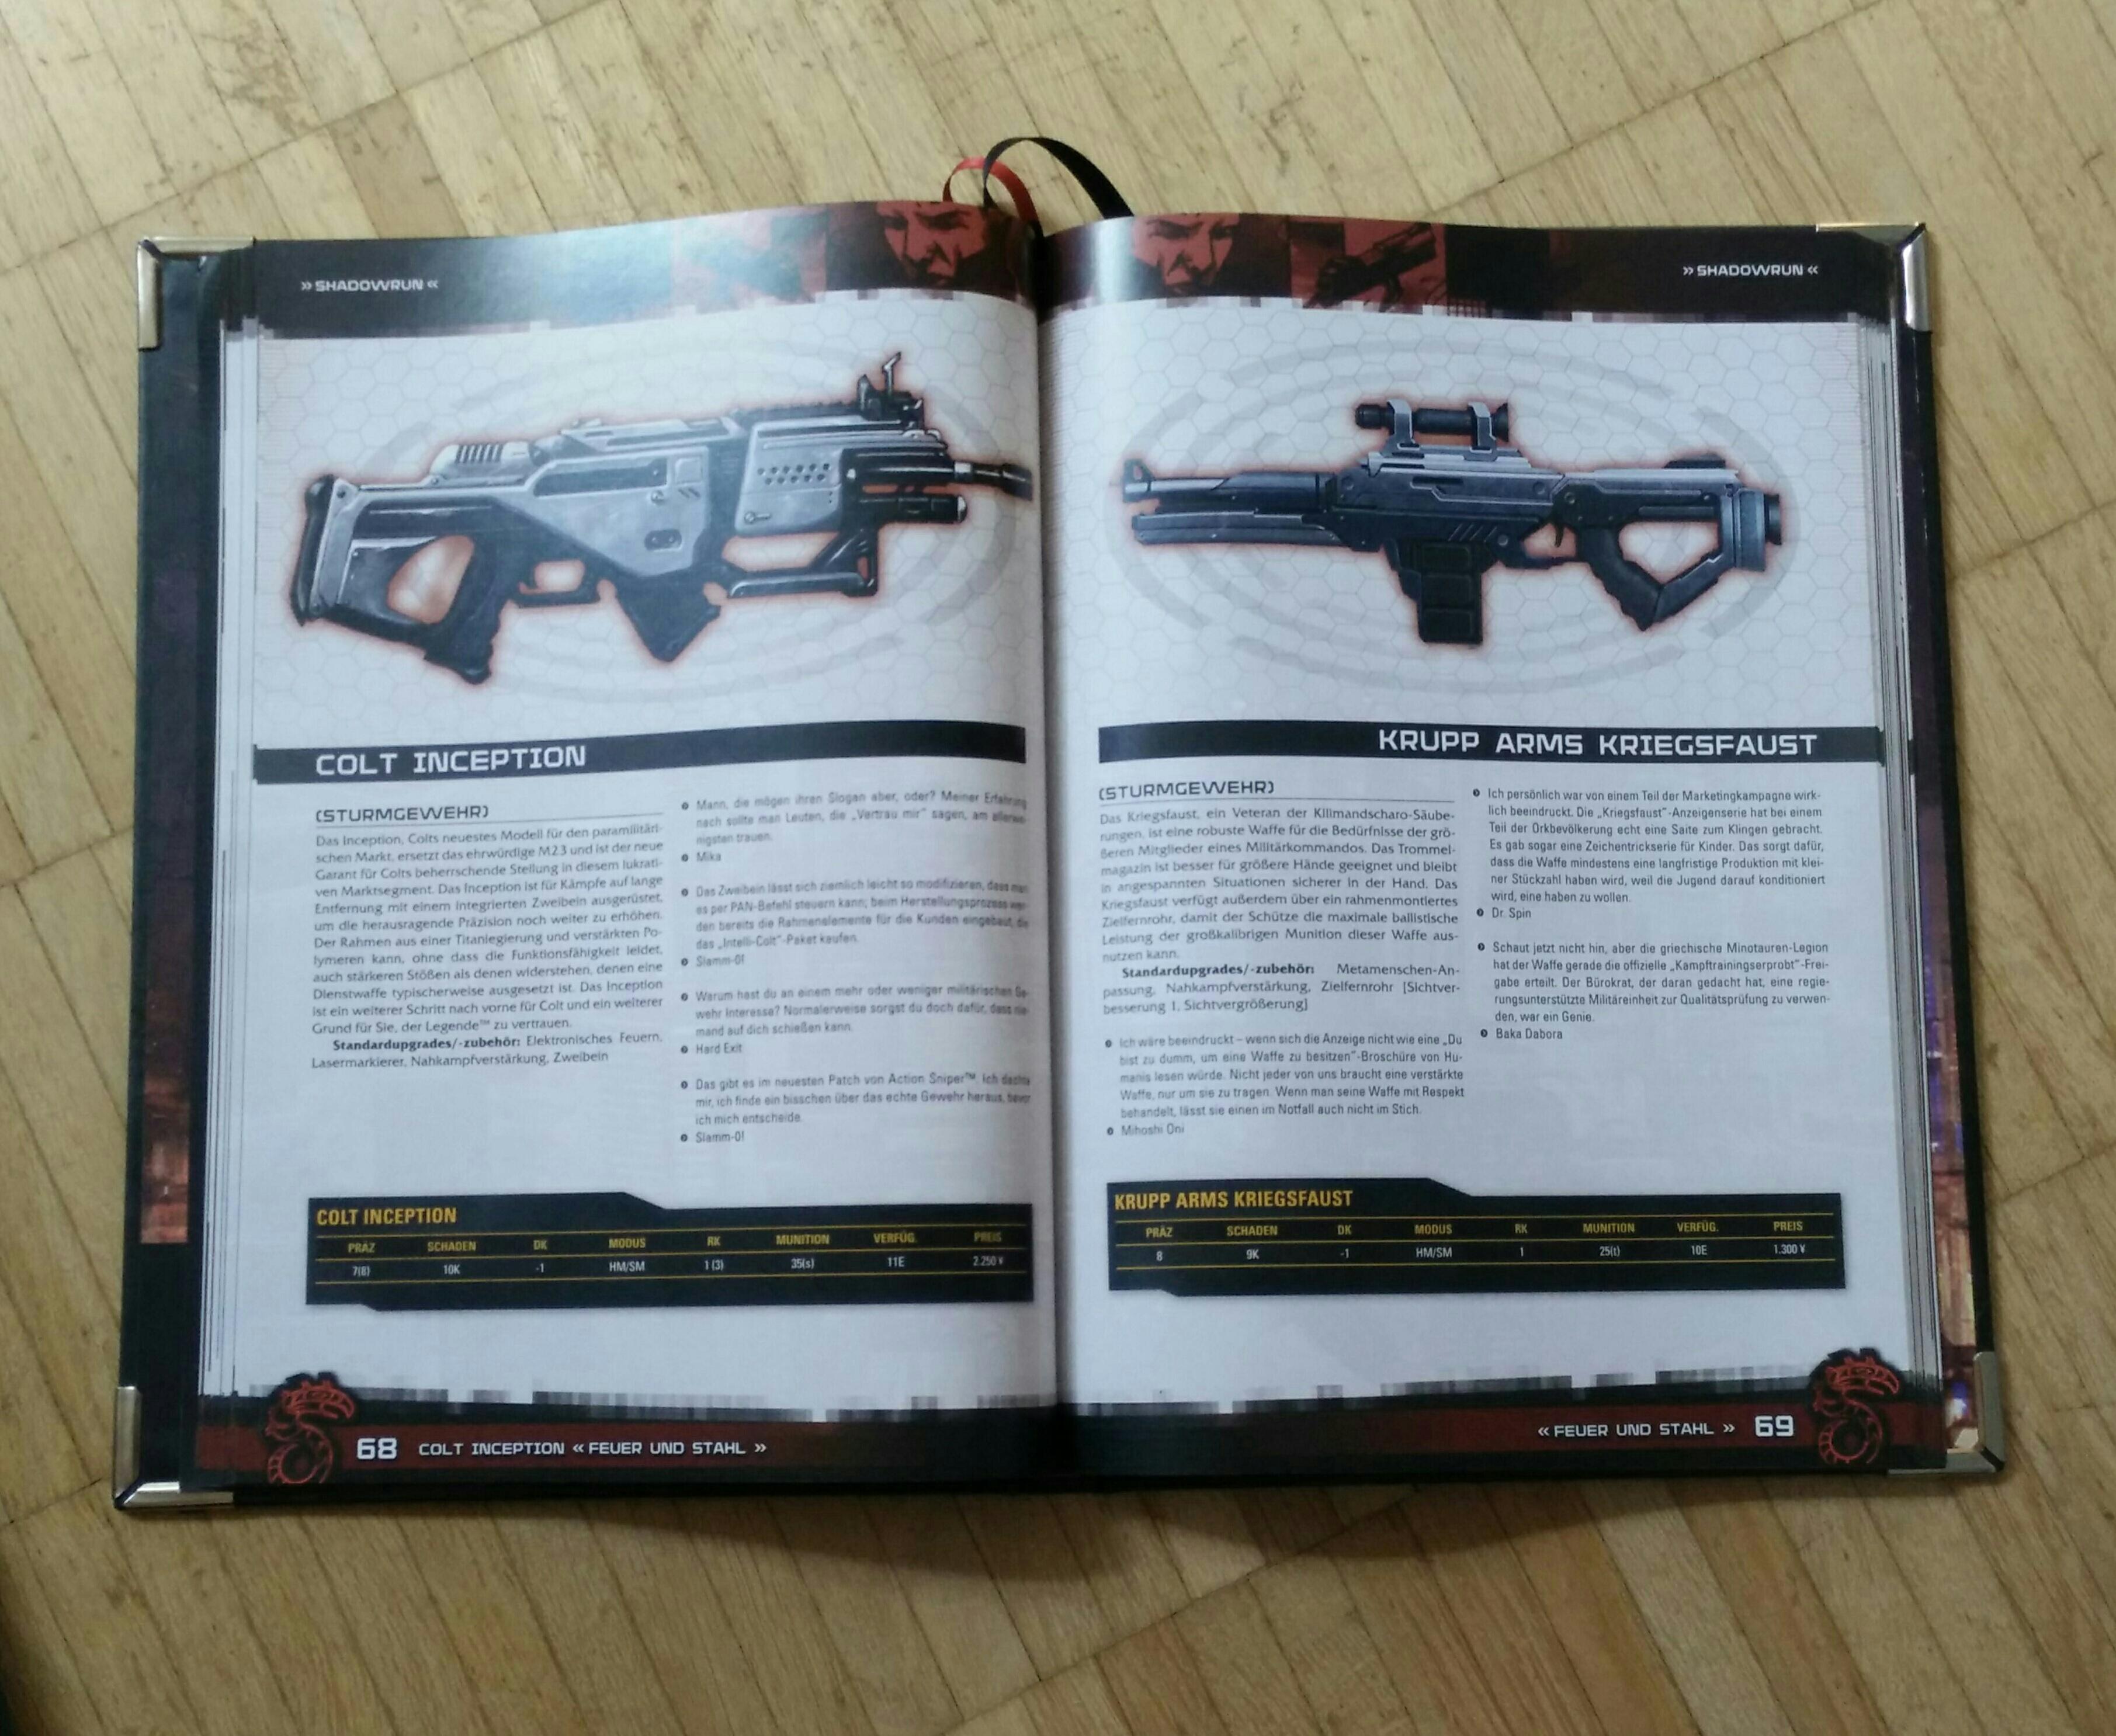 Shadowrun 5 - Schattenhandbuch: Das Gegenteil von gut ist gut gemeint. The Sprawl geht zum Glück andere Wege ... (Image: obskures.de)